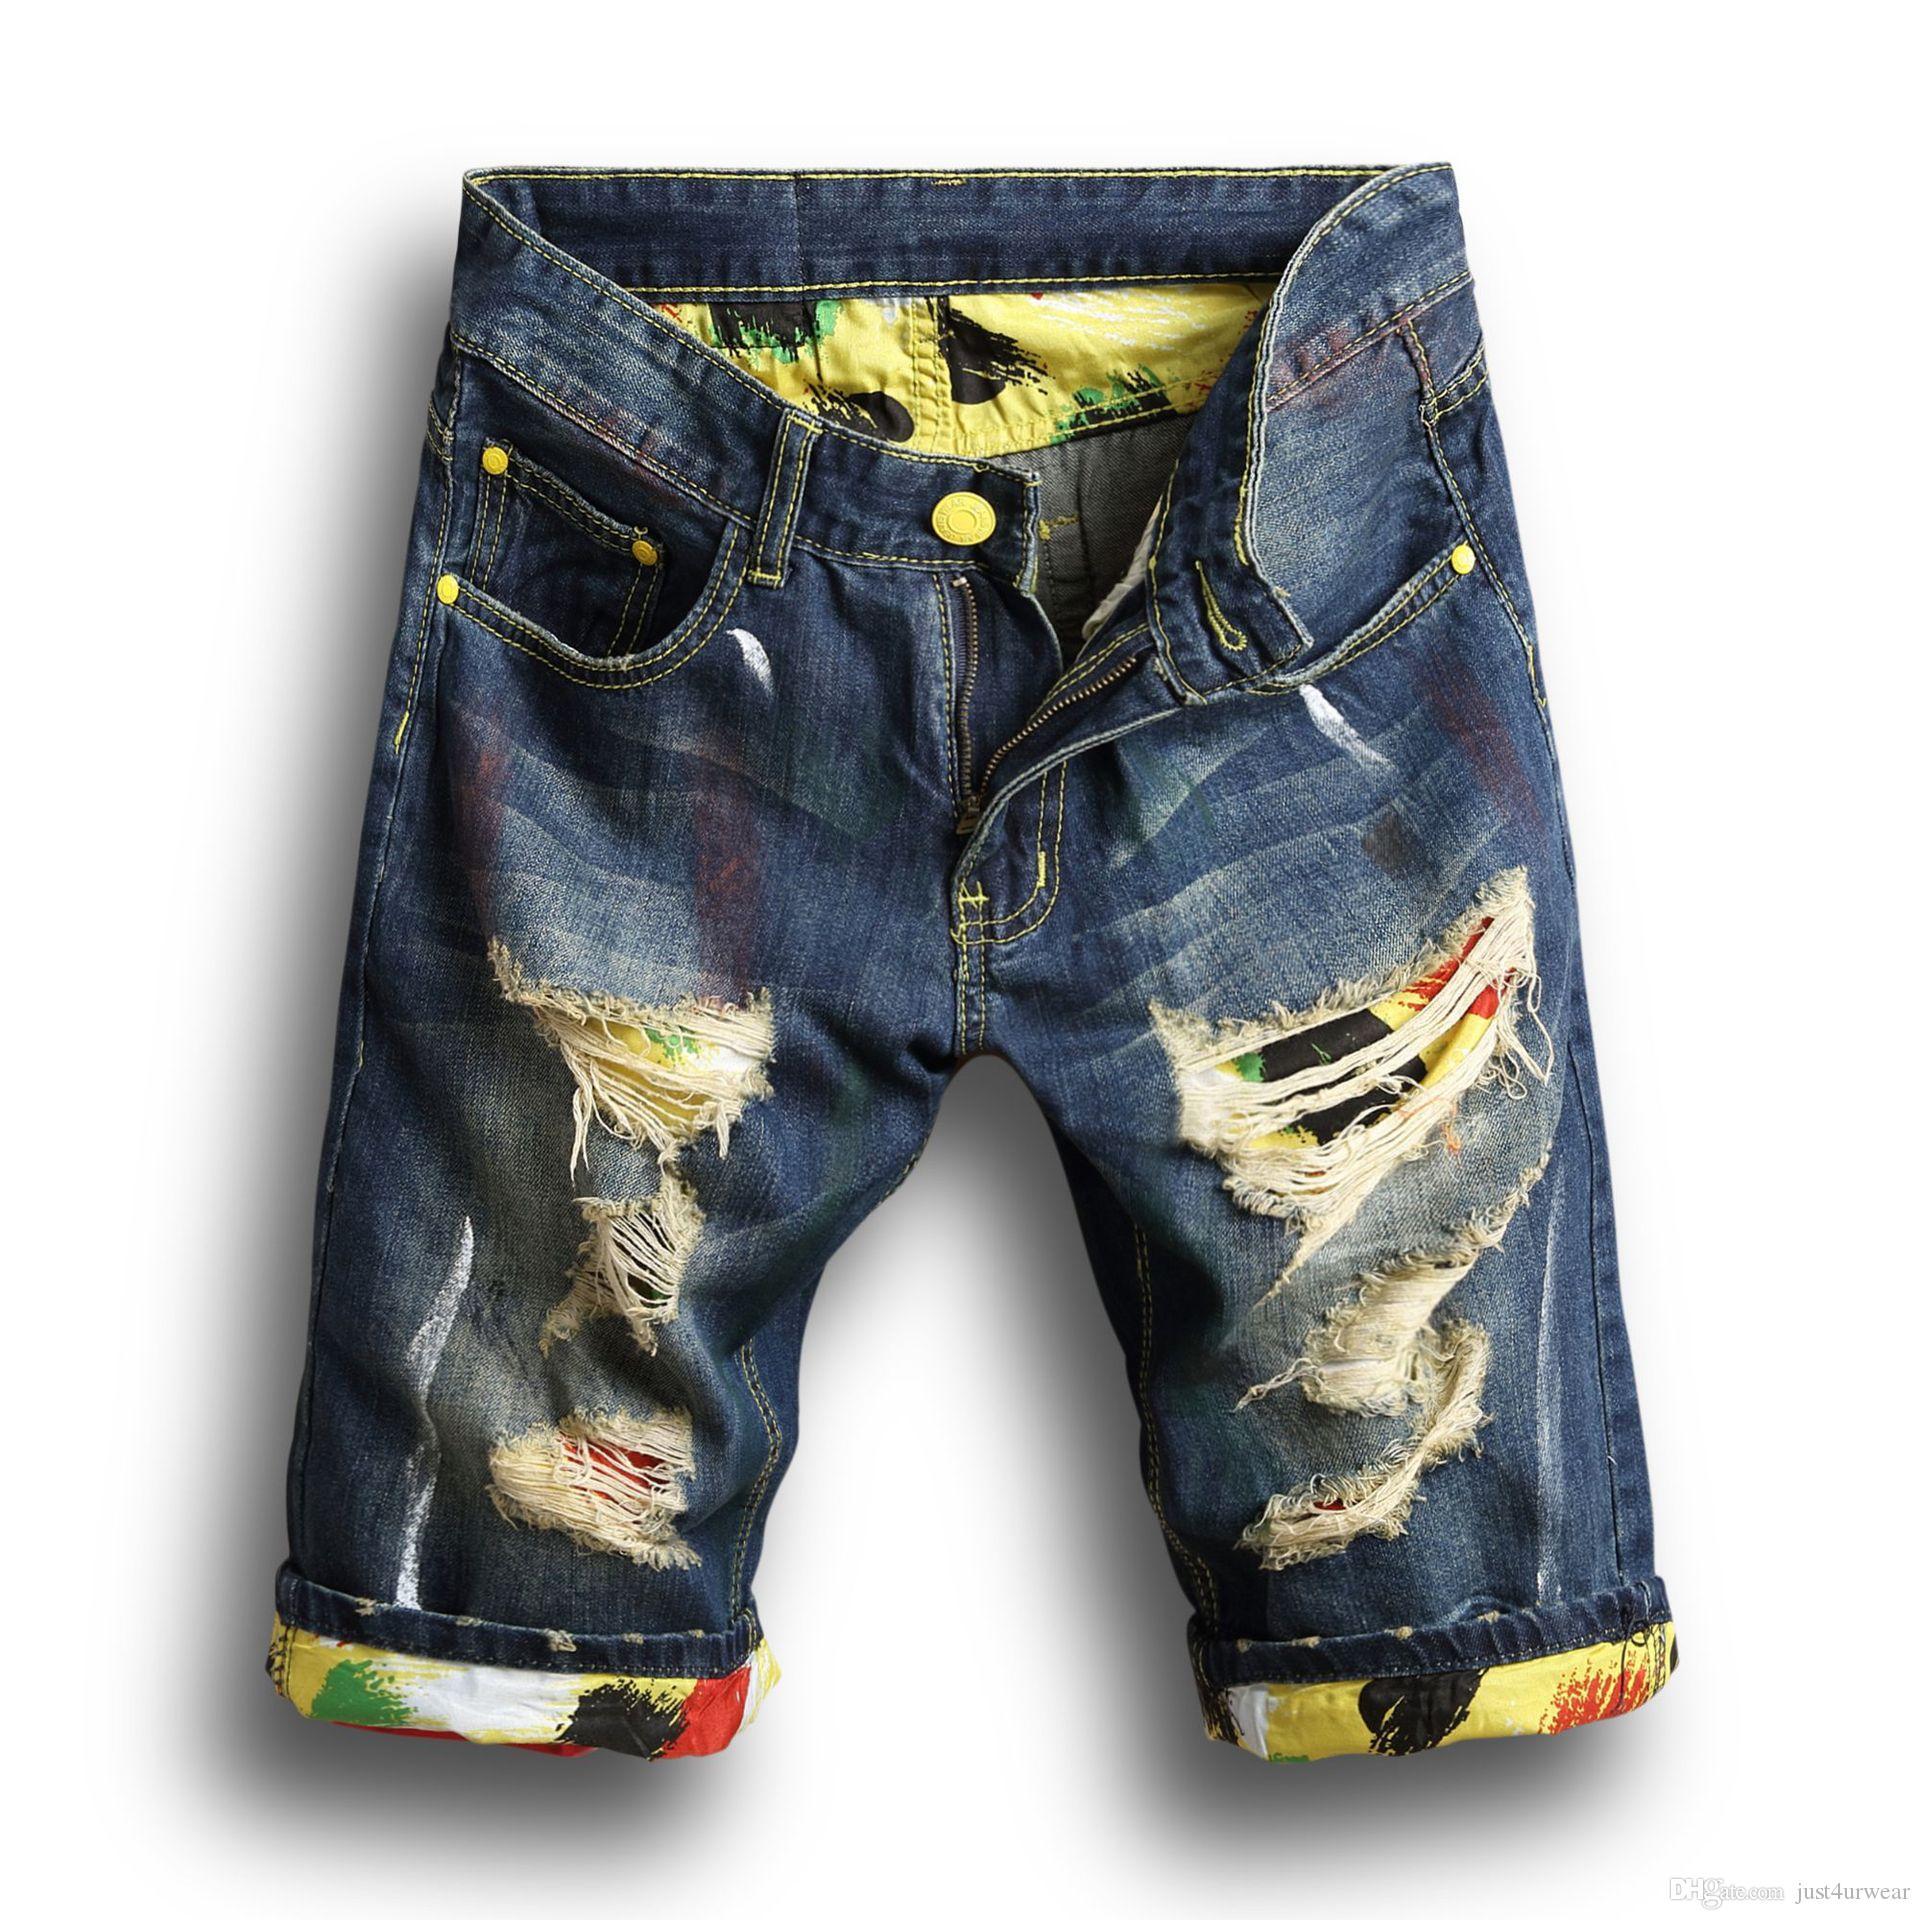 Moda Hombre Denim Jeans para hombre delgado Pantalones rectos tendencia diseñador de los pantalones del nuevo verano agujeros para hombre pantalones cortos de mezclilla